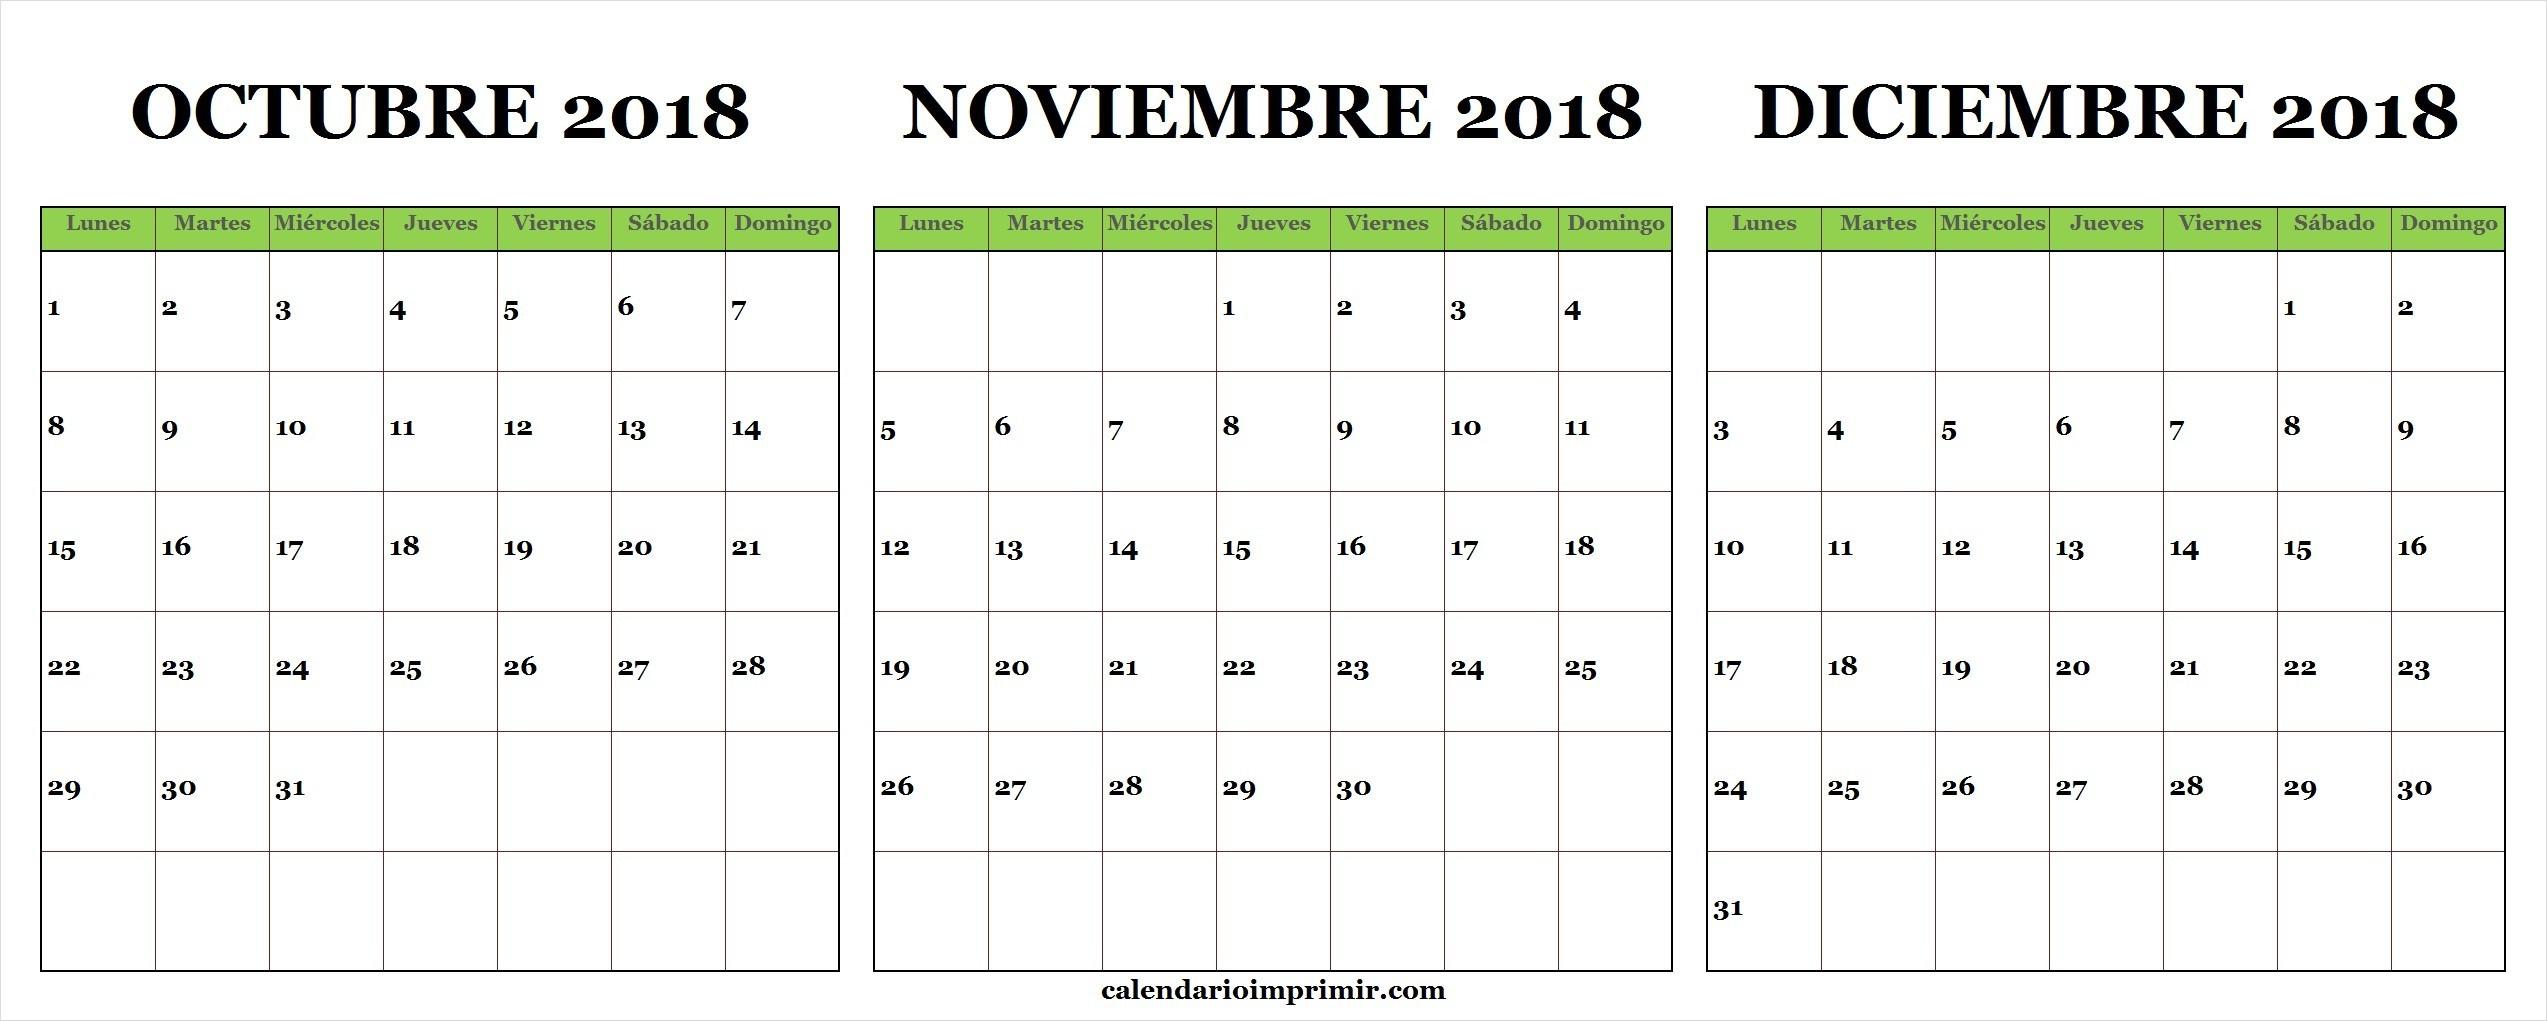 Calendario Para Imprimir Gratis Octubre 2019 Más Recientes Inspeccionar Calendario Mes Diciembre 2019 Para Imprimir Of Calendario Para Imprimir Gratis Octubre 2019 Más Populares Best Calendario Enero 2019 Para Imprimir Gratis Image Collection